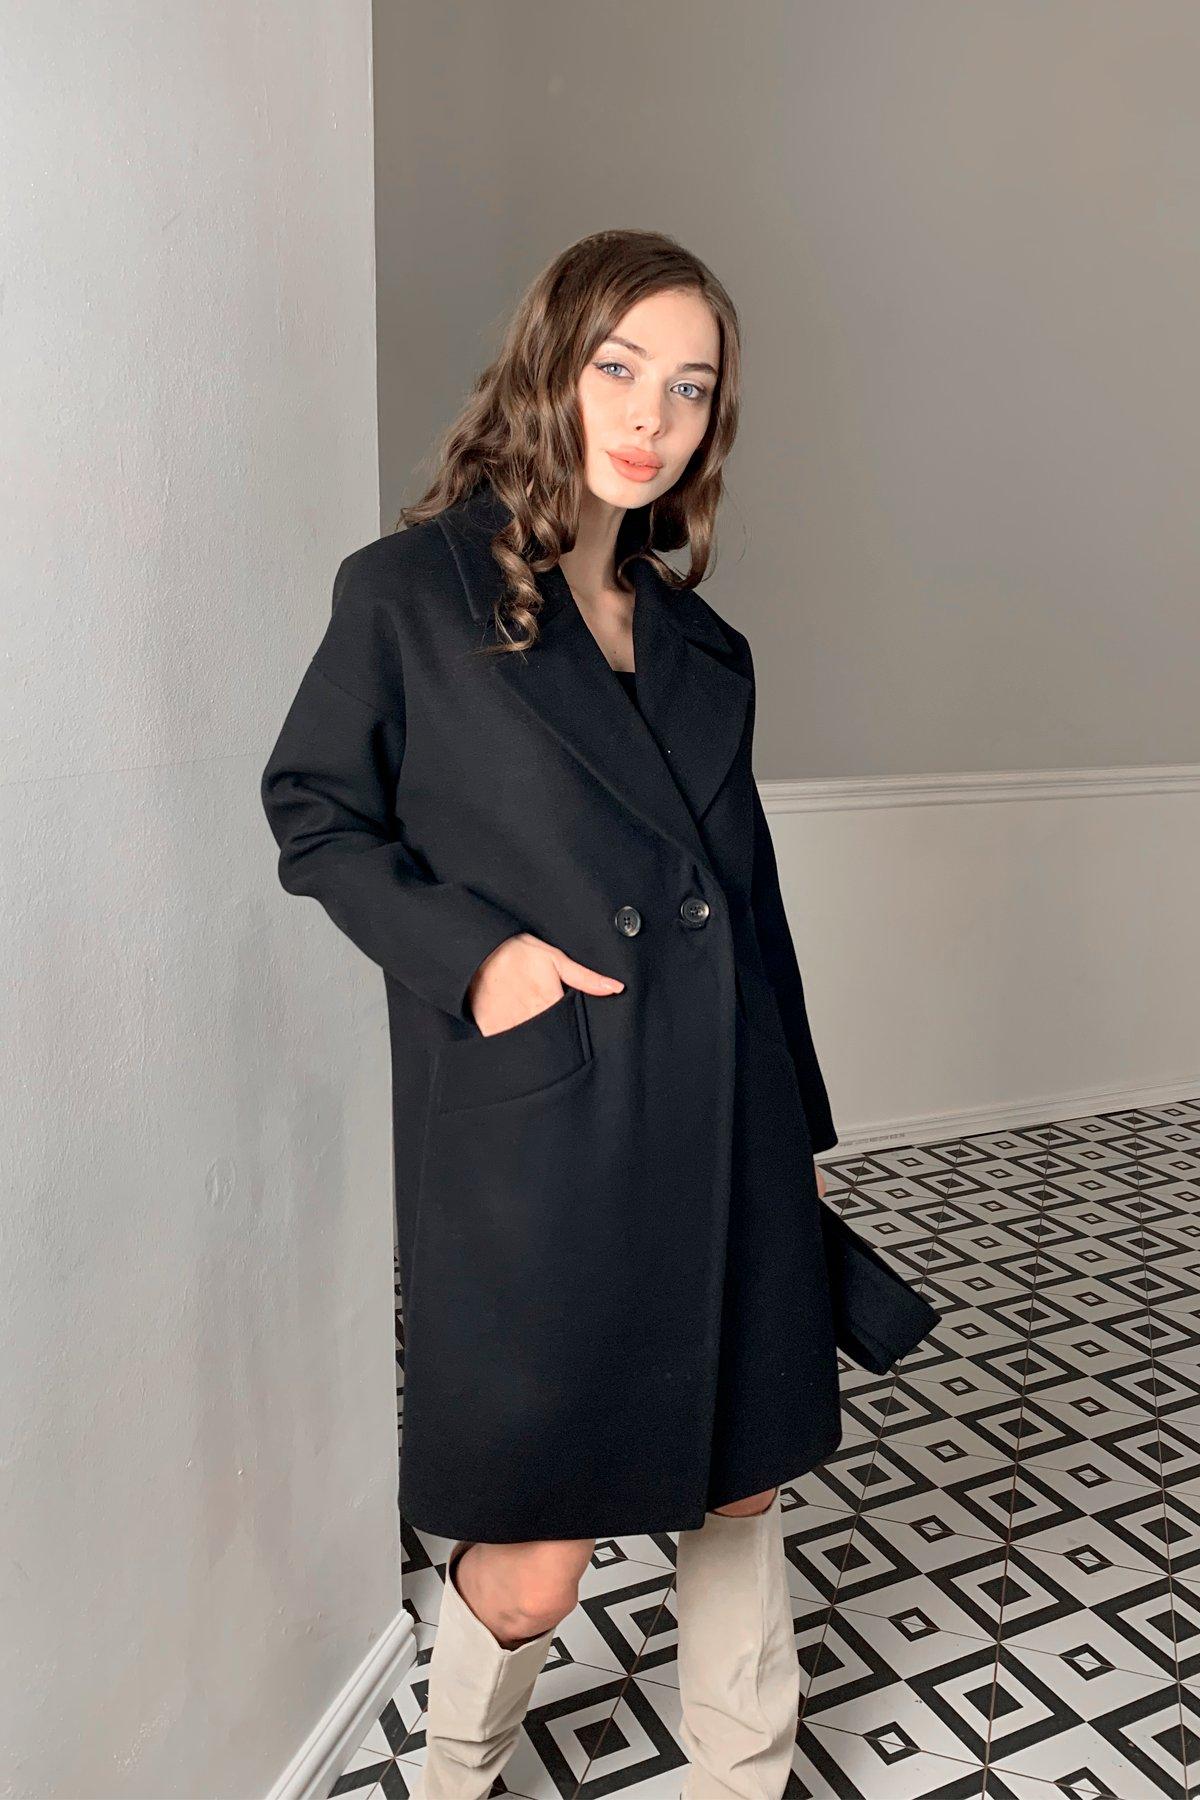 Пальто Сенсей 9767 АРТ. 46070 Цвет: Черный - фото 5, интернет магазин tm-modus.ru